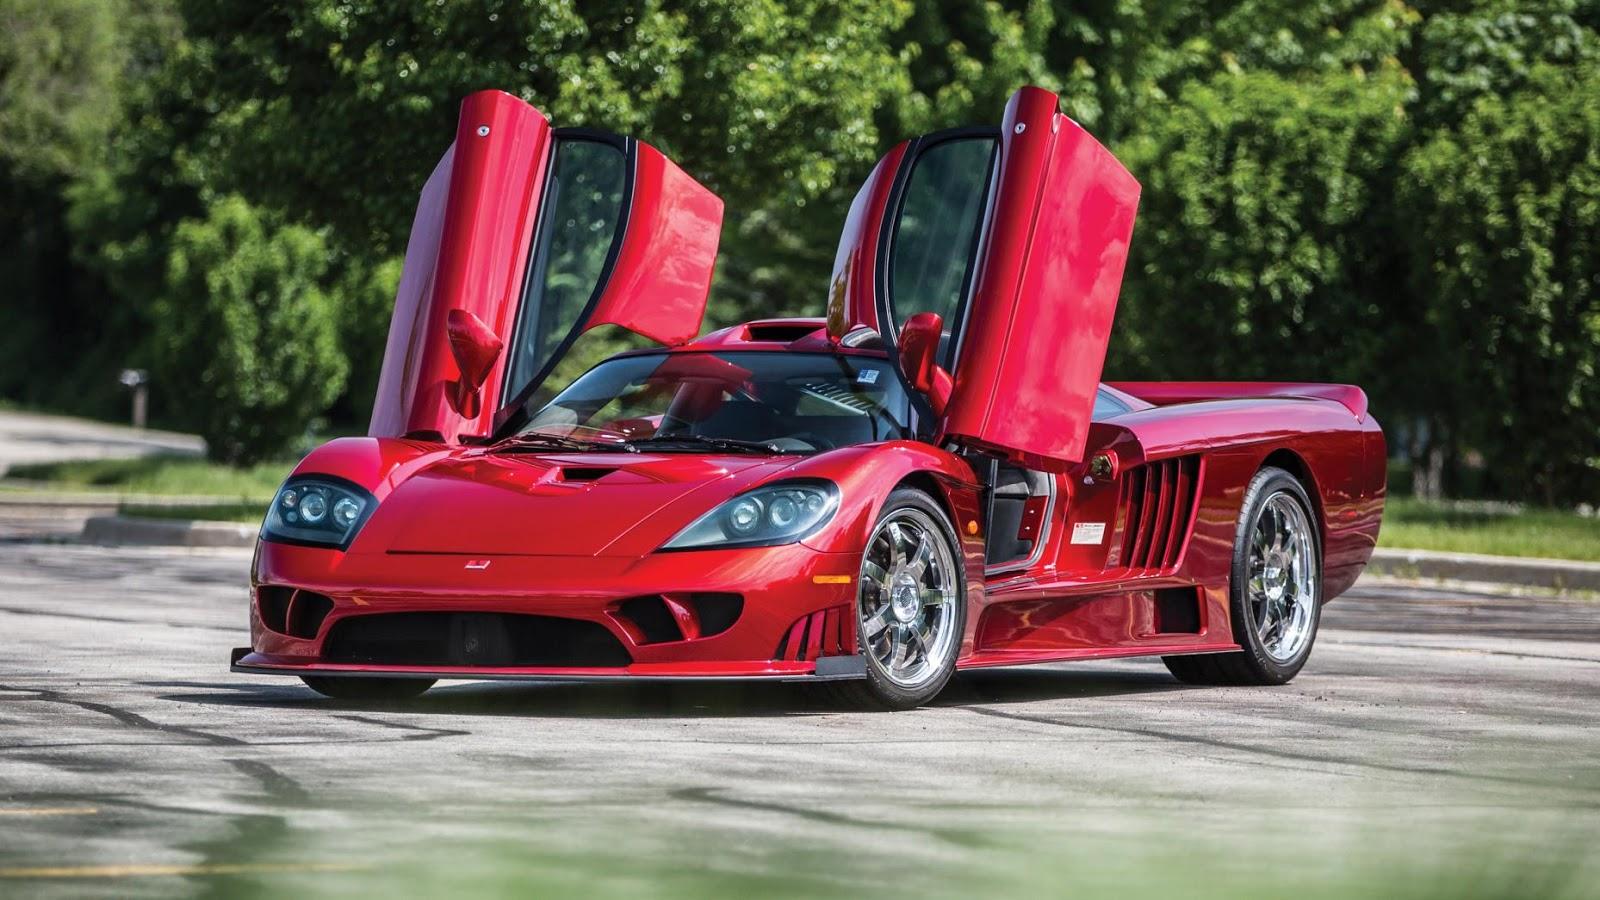 Saleen S7 là một siêu xe cực đẹp, cực nhanh, cực mạnh và..cực hiếm